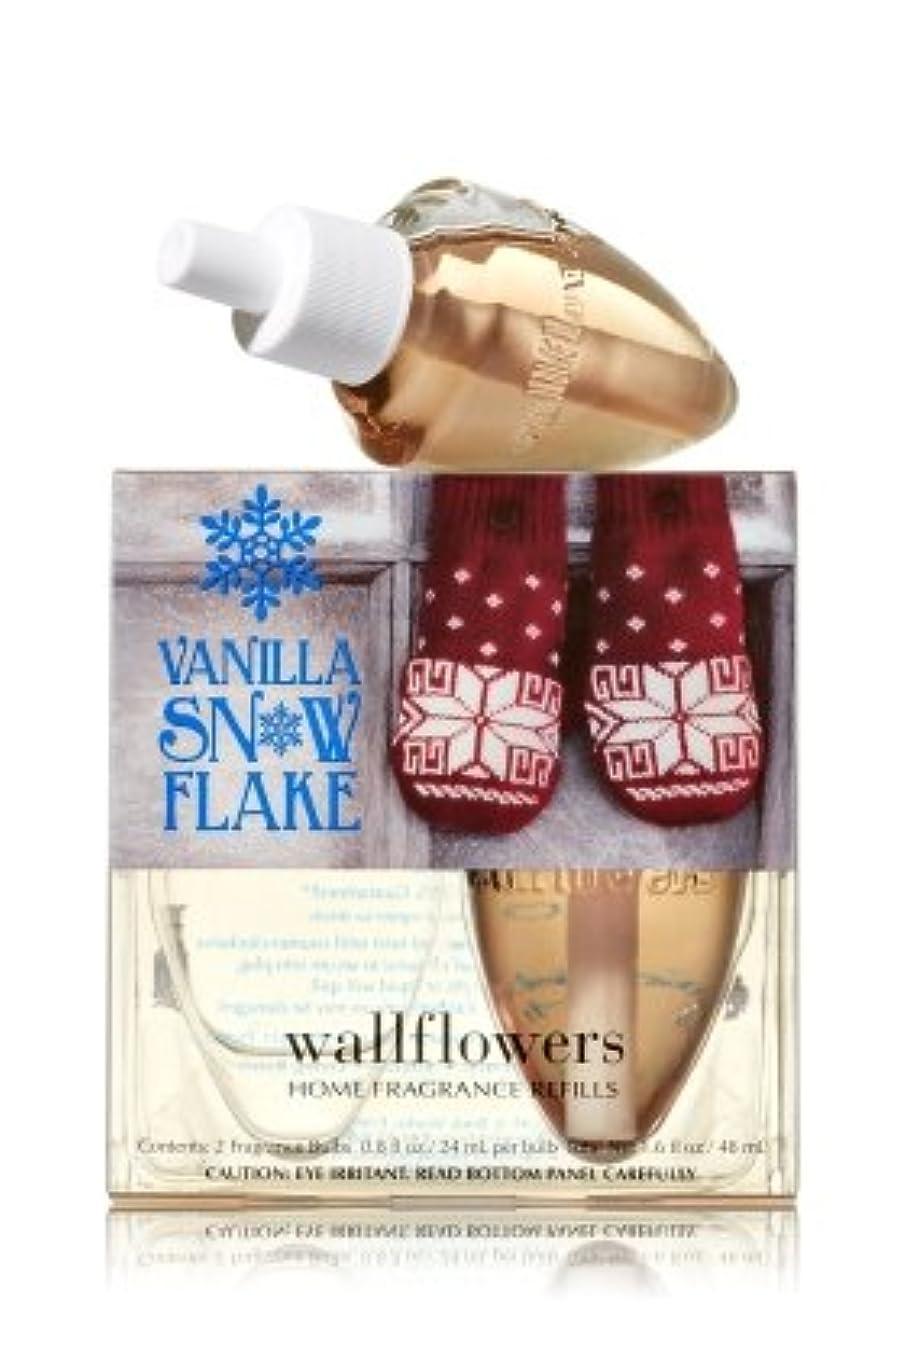 それる契約イソギンチャク【Bath&Body Works/バス&ボディワークス】 ルームフレグランス 詰替えリフィル(2個入り) バニラスノーフレーク Wallflowers Home Fragrance 2-Pack Refills Vanilla Snowflake [並行輸入品]